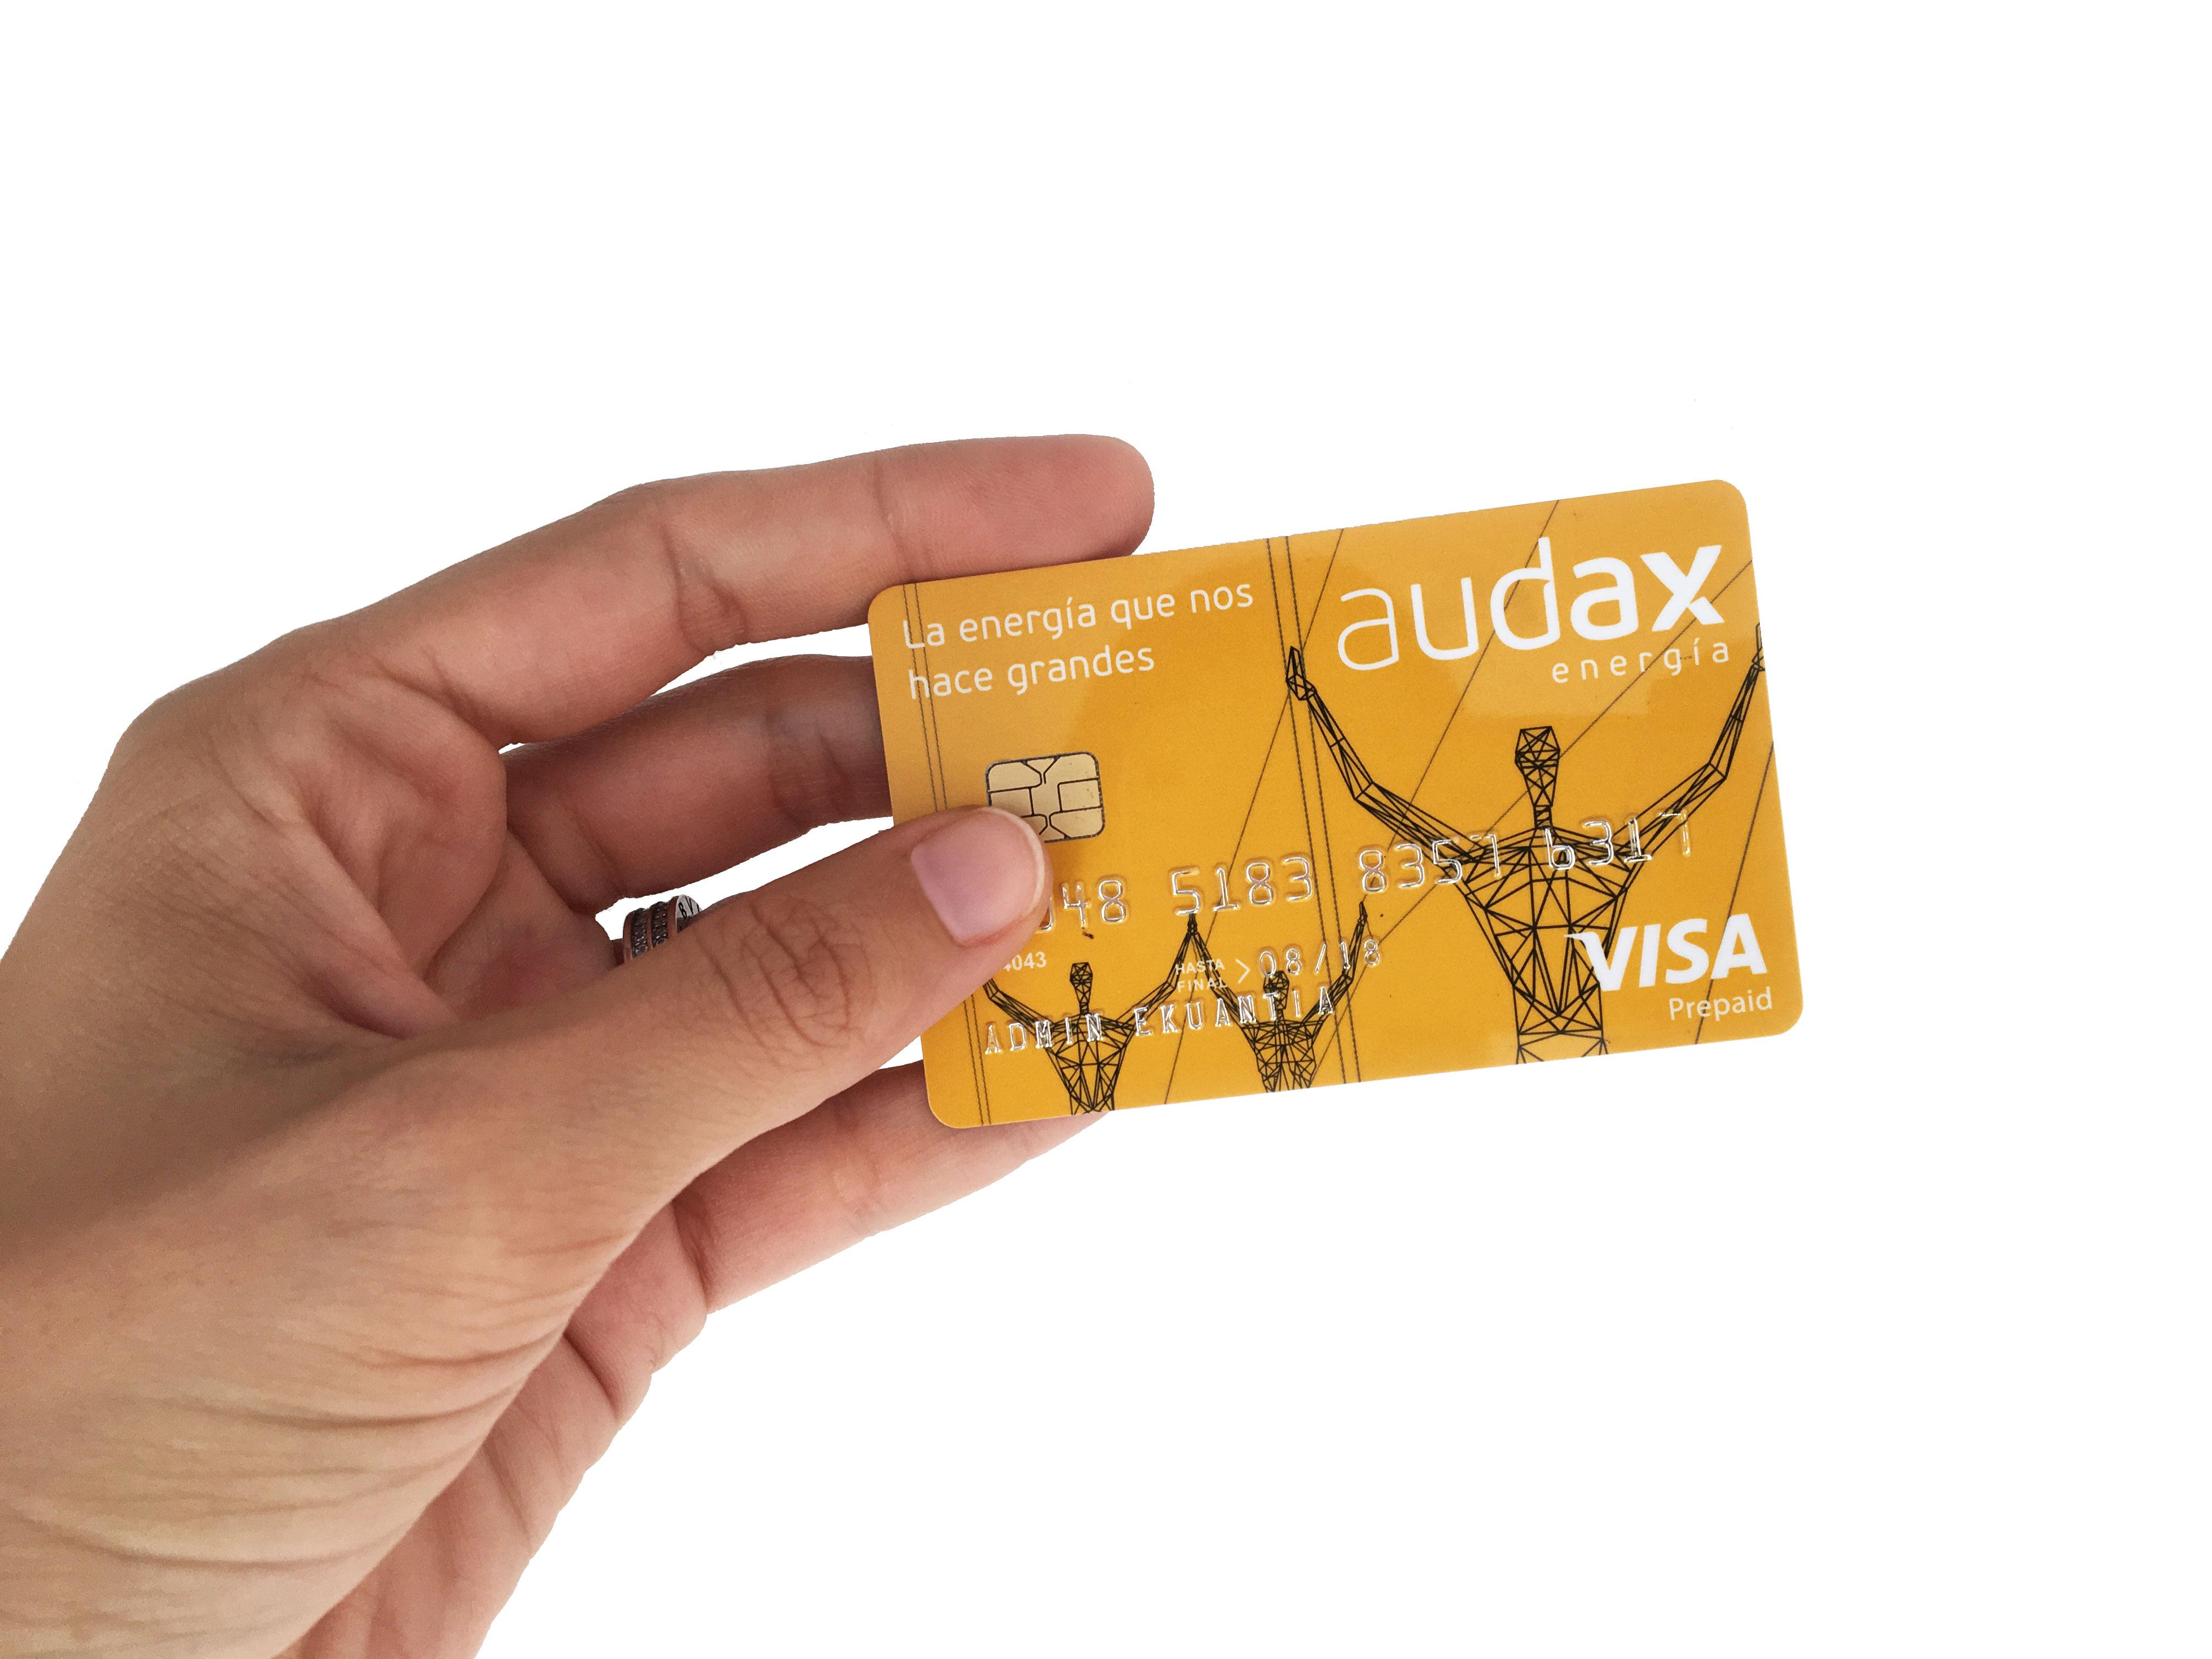 Audax_Card